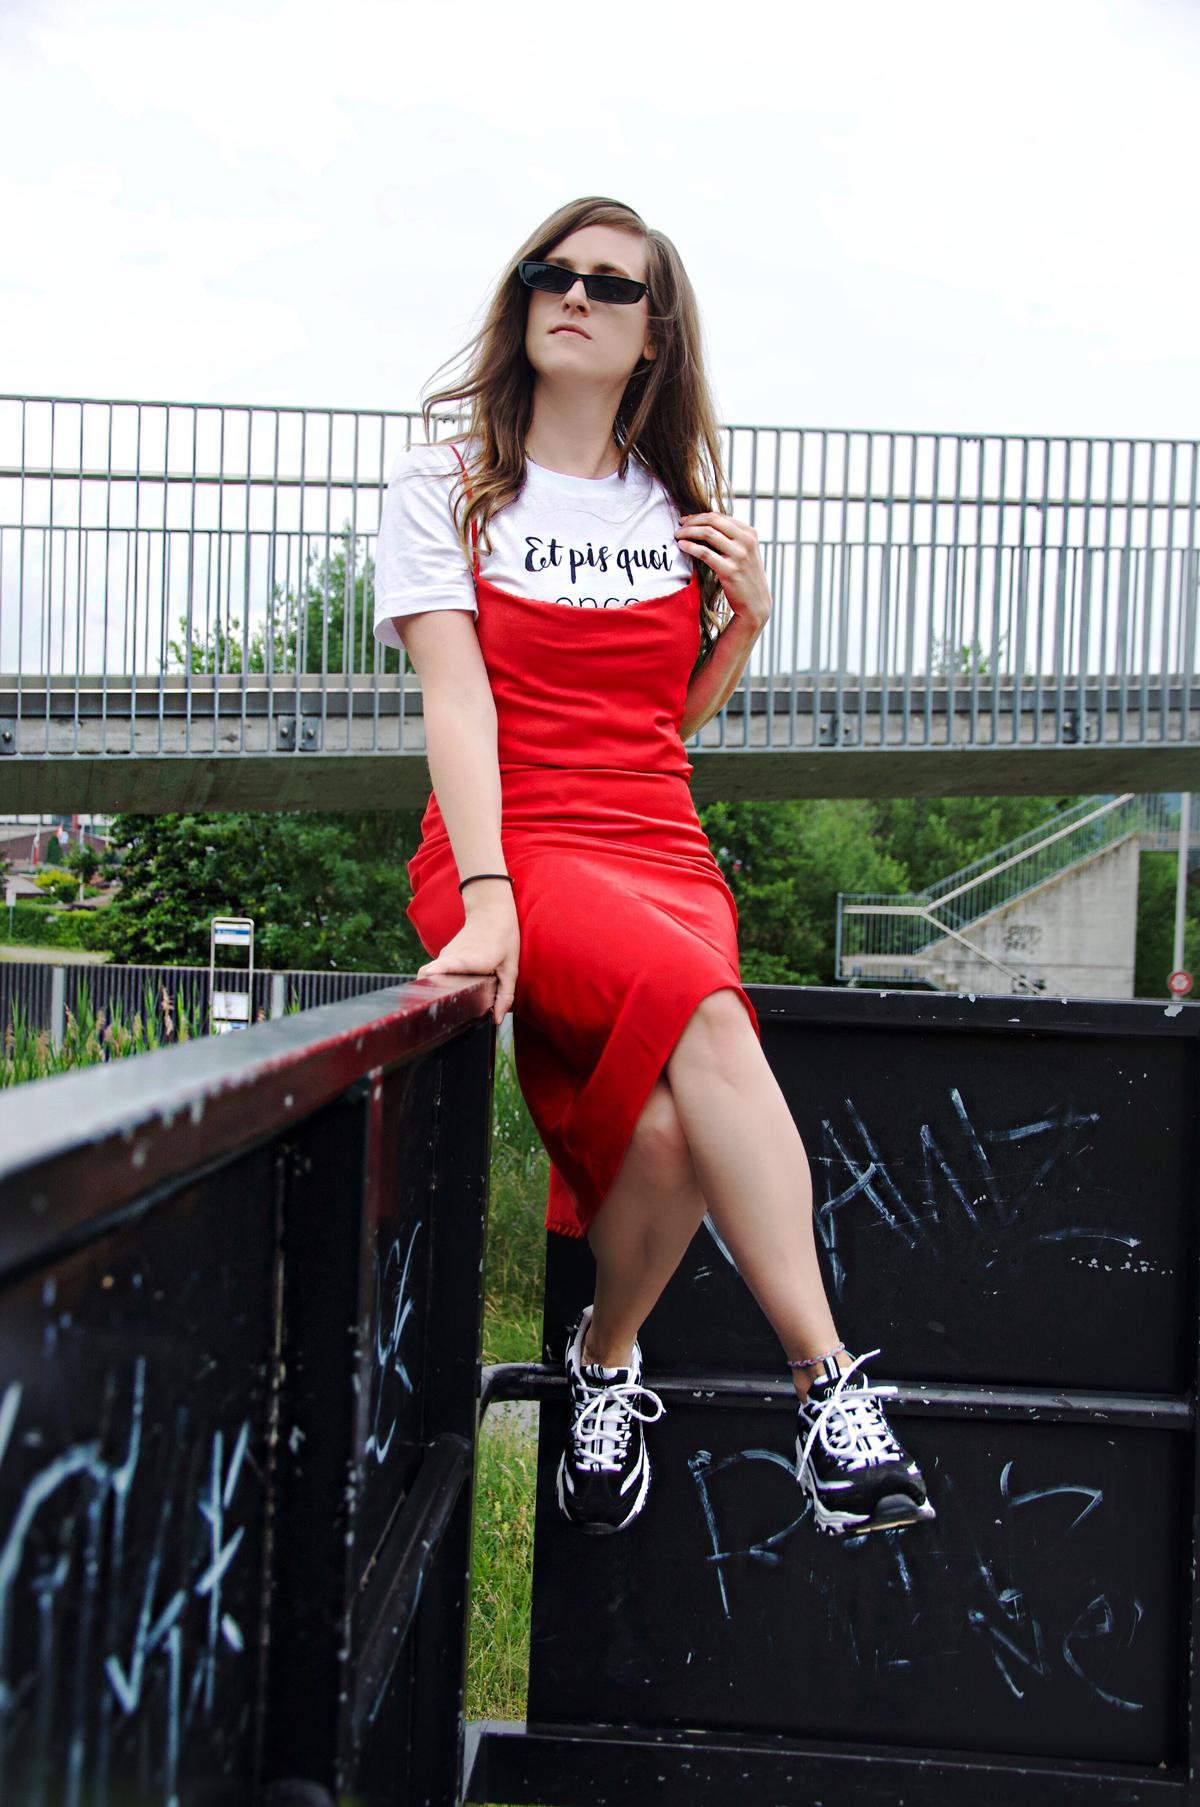 Layering Look mit einem roten Kleid, darunter ein bedrucktes T-Shirt sowie Sneakers und einer Jacke. Mehr dazu auf dem Mode Blog Strawberries 'n' Champagne von Andrea.